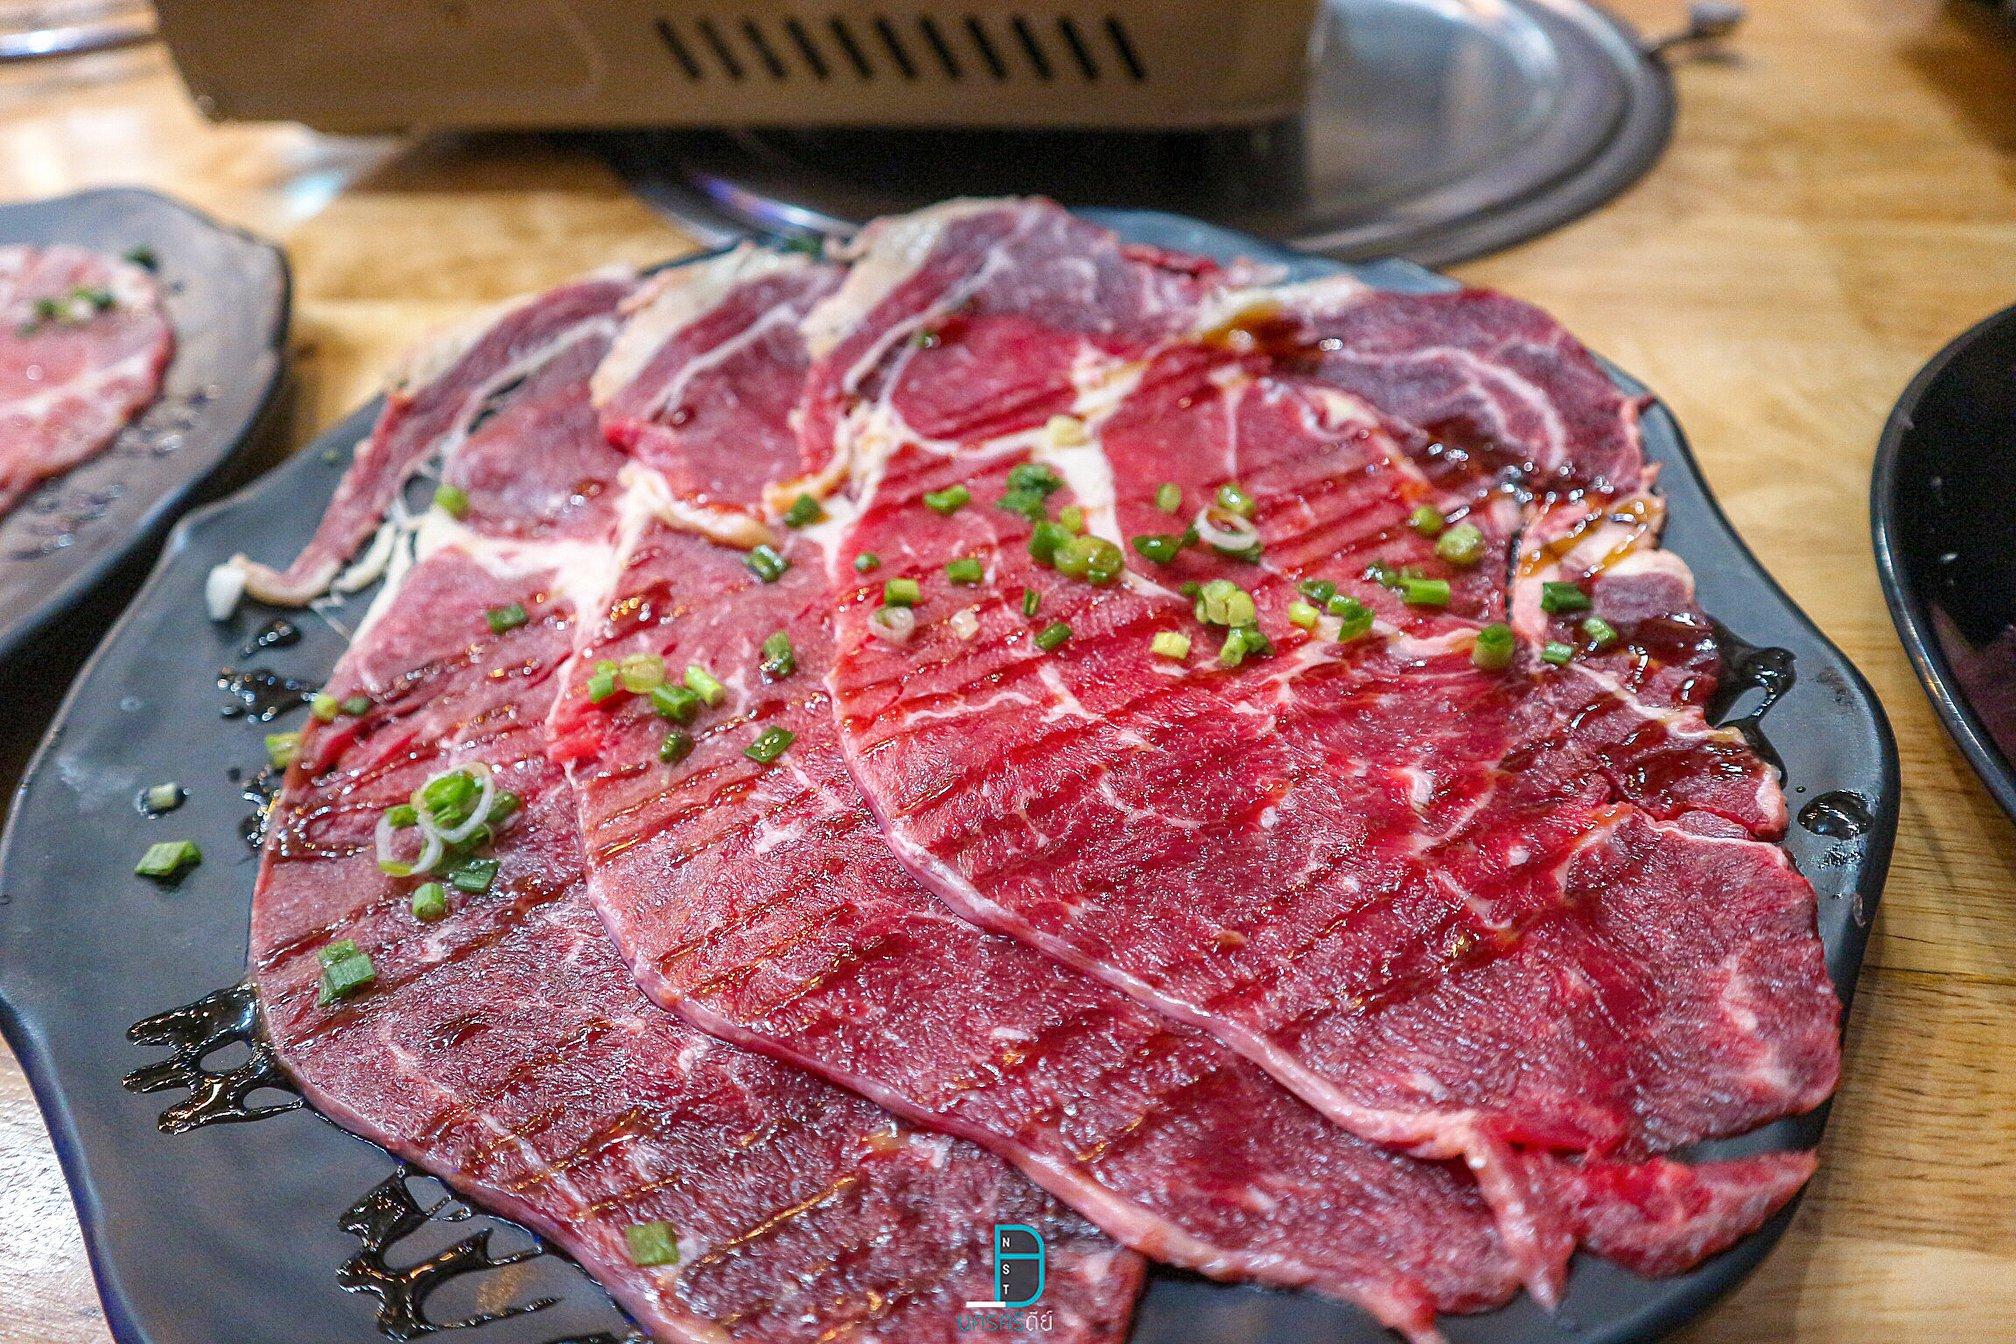 รีวิวเนื้อเด็ดๆนุ่มๆละลายในปาก บุฟเฟ่ต์เพียง 349 เท่านั้น at Morfin Shabu  Grill นครศรีดีย์